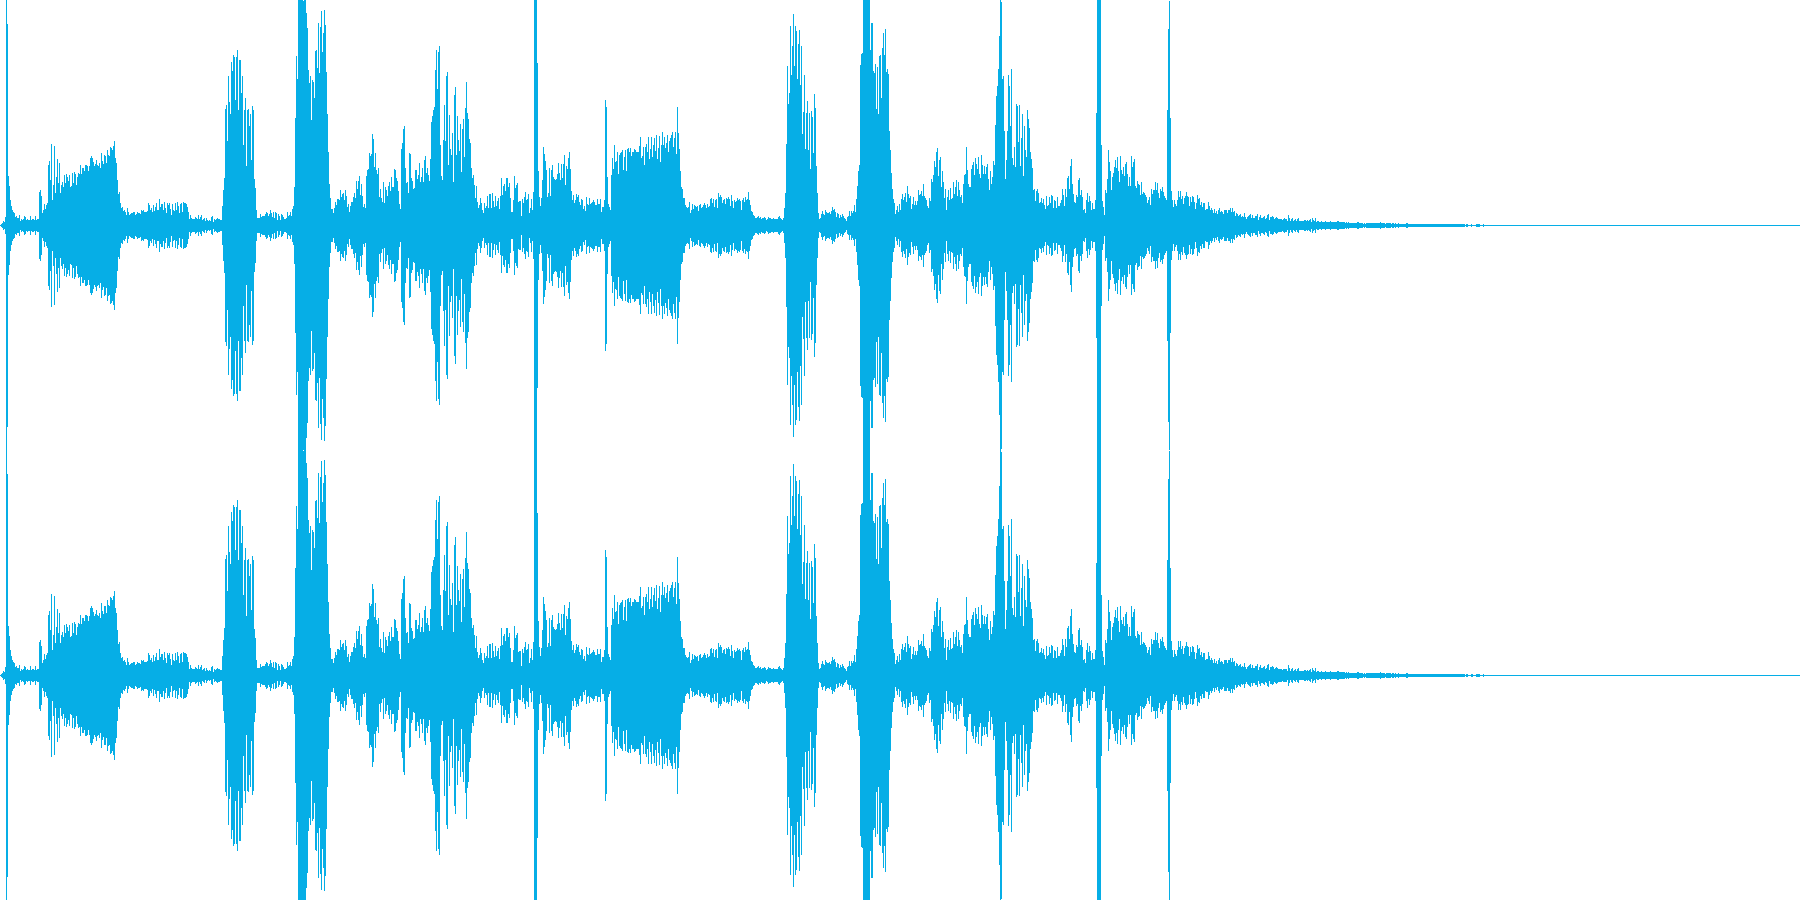 近未来の通信装置から出そうな音の再生済みの波形